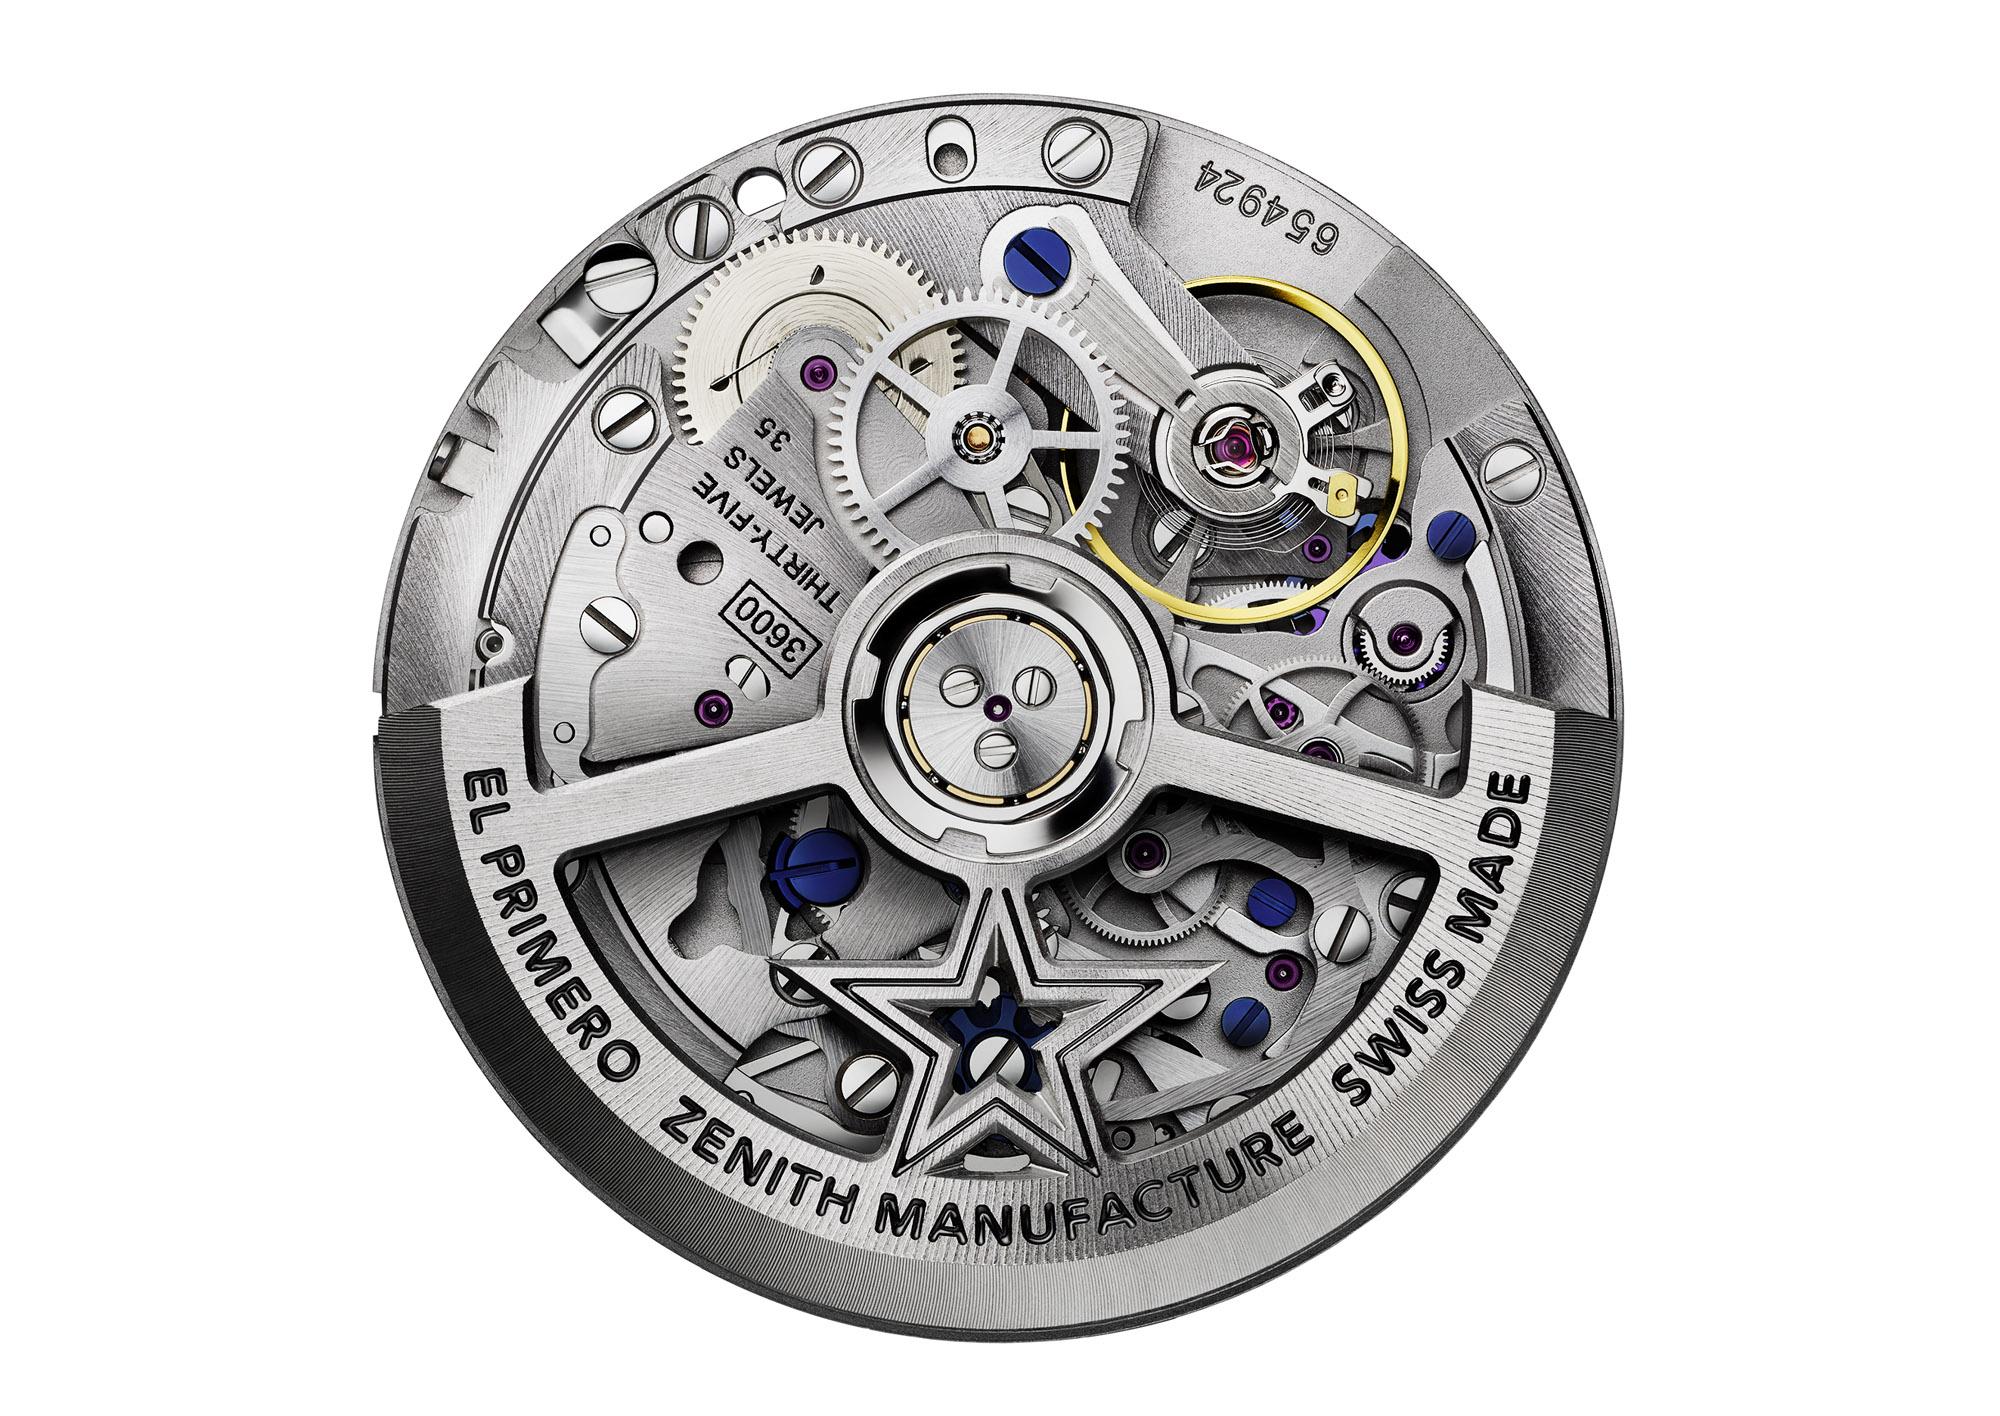 Zenith El Primero 3600 automatic chronograph movement